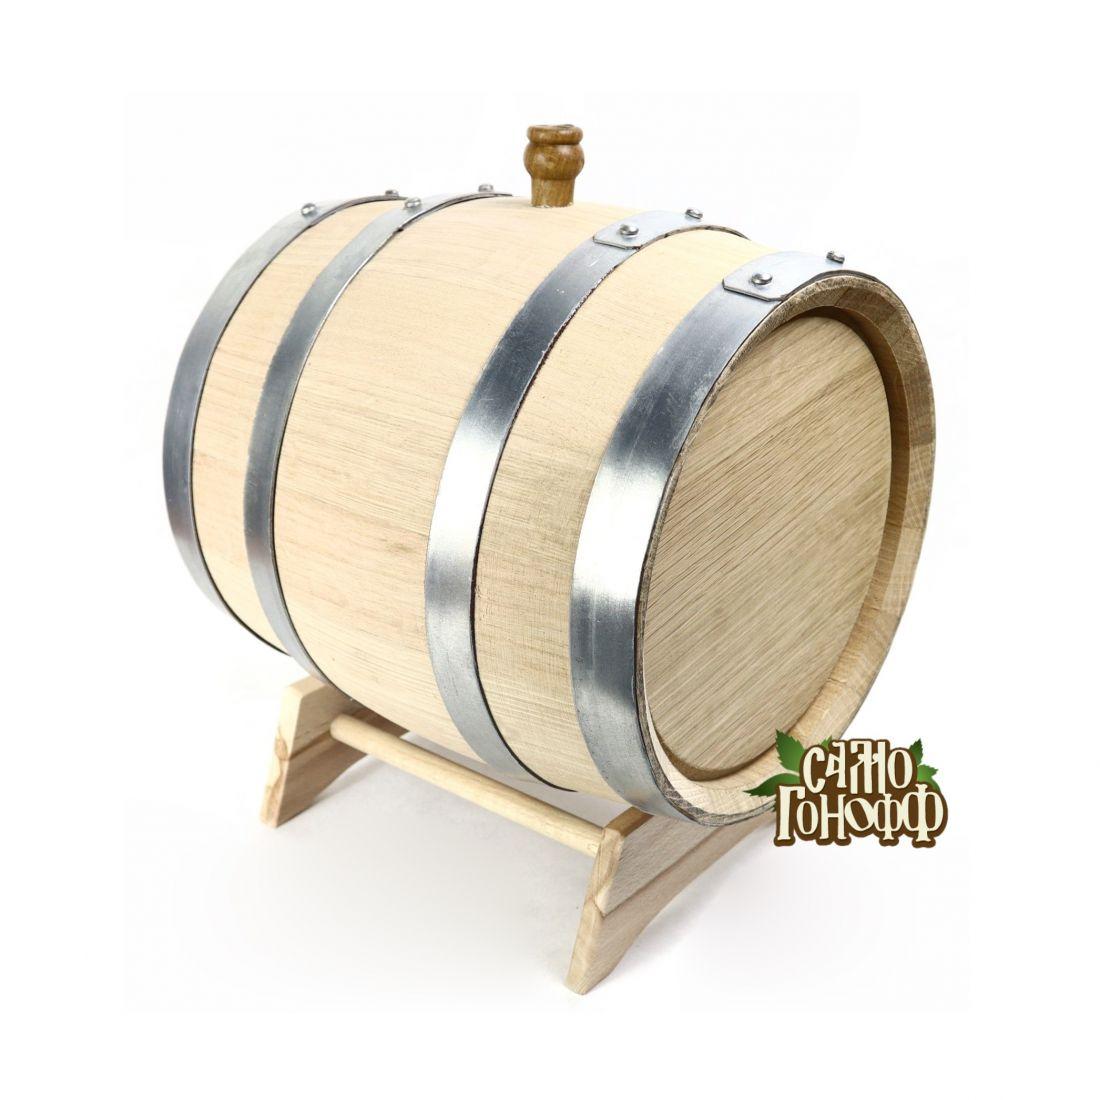 Бочка из колотого кавказского дуба терруарной сушки, 10 литров